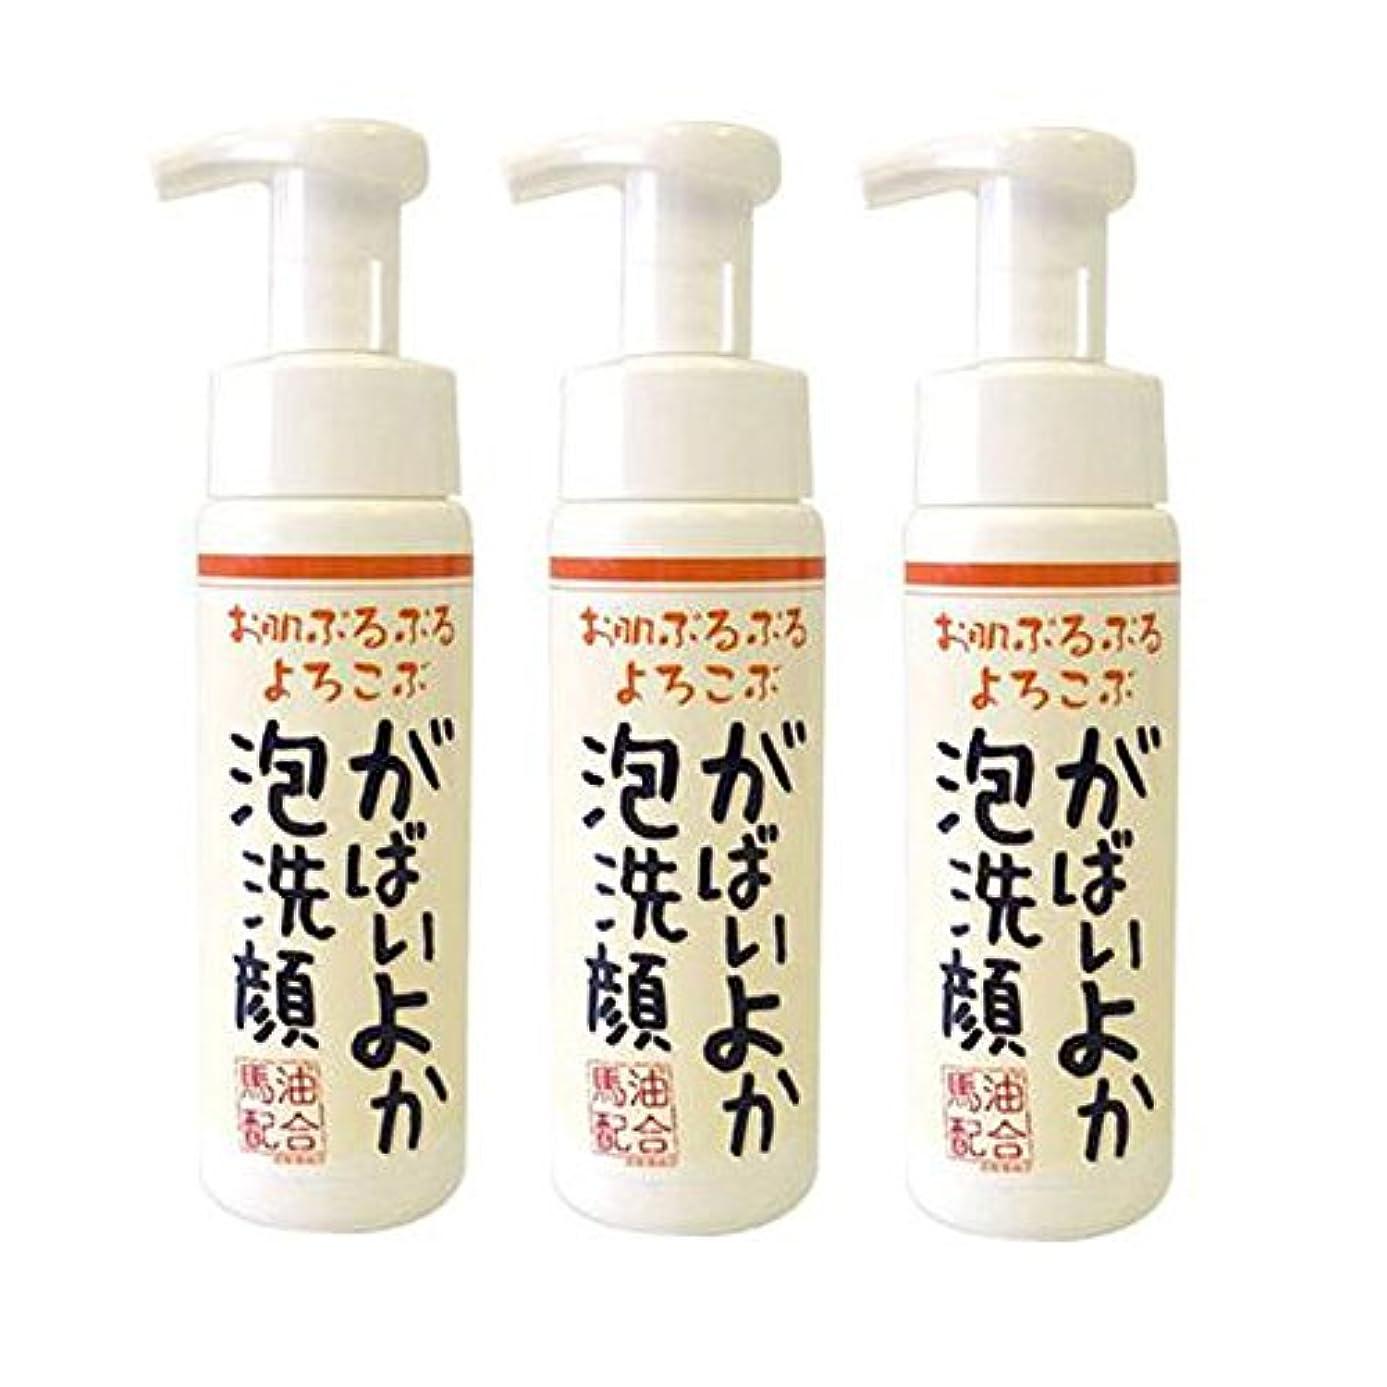 ネスト韓国語裸がばいよか泡洗顔 200ml×3個セット